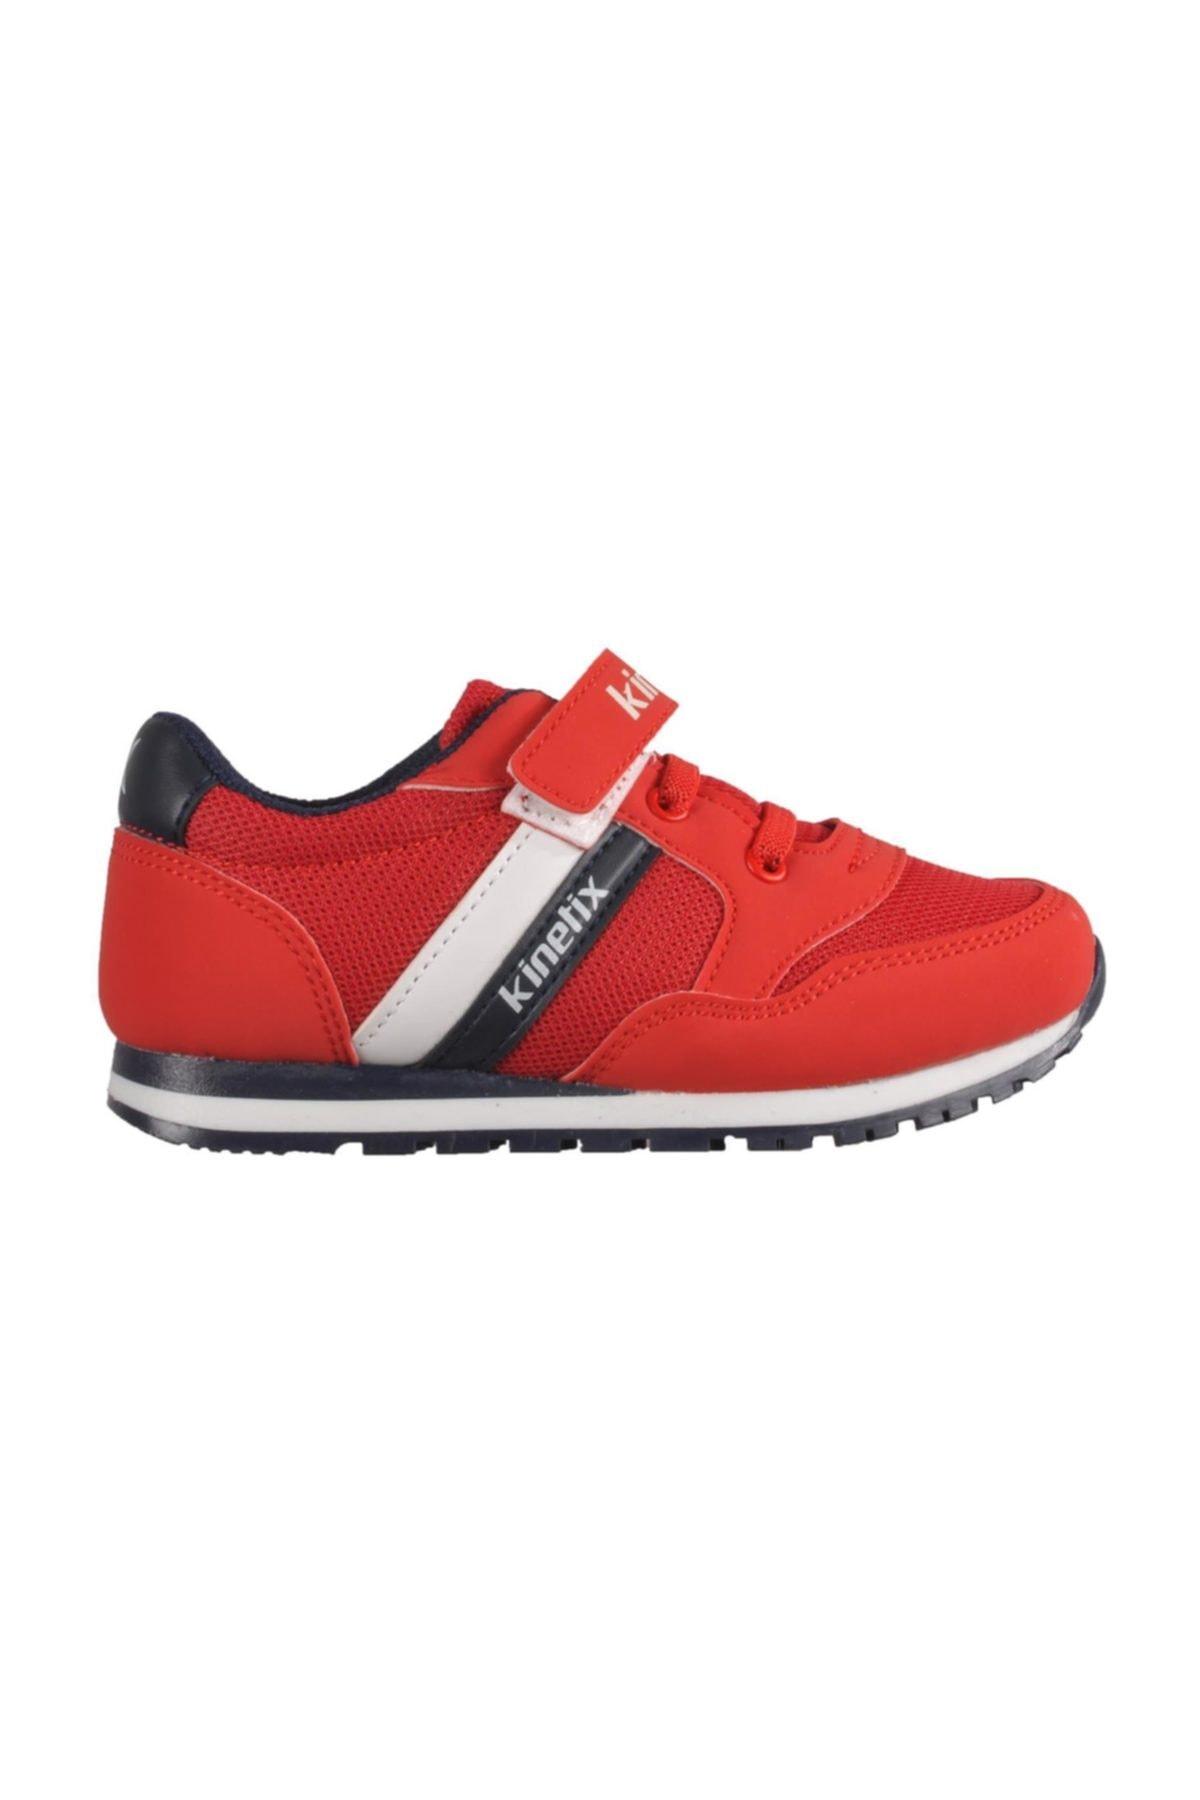 Kinetix Kırmızı Lacivert Erkek Çocuk Ayakkabı 000000000100294197 1